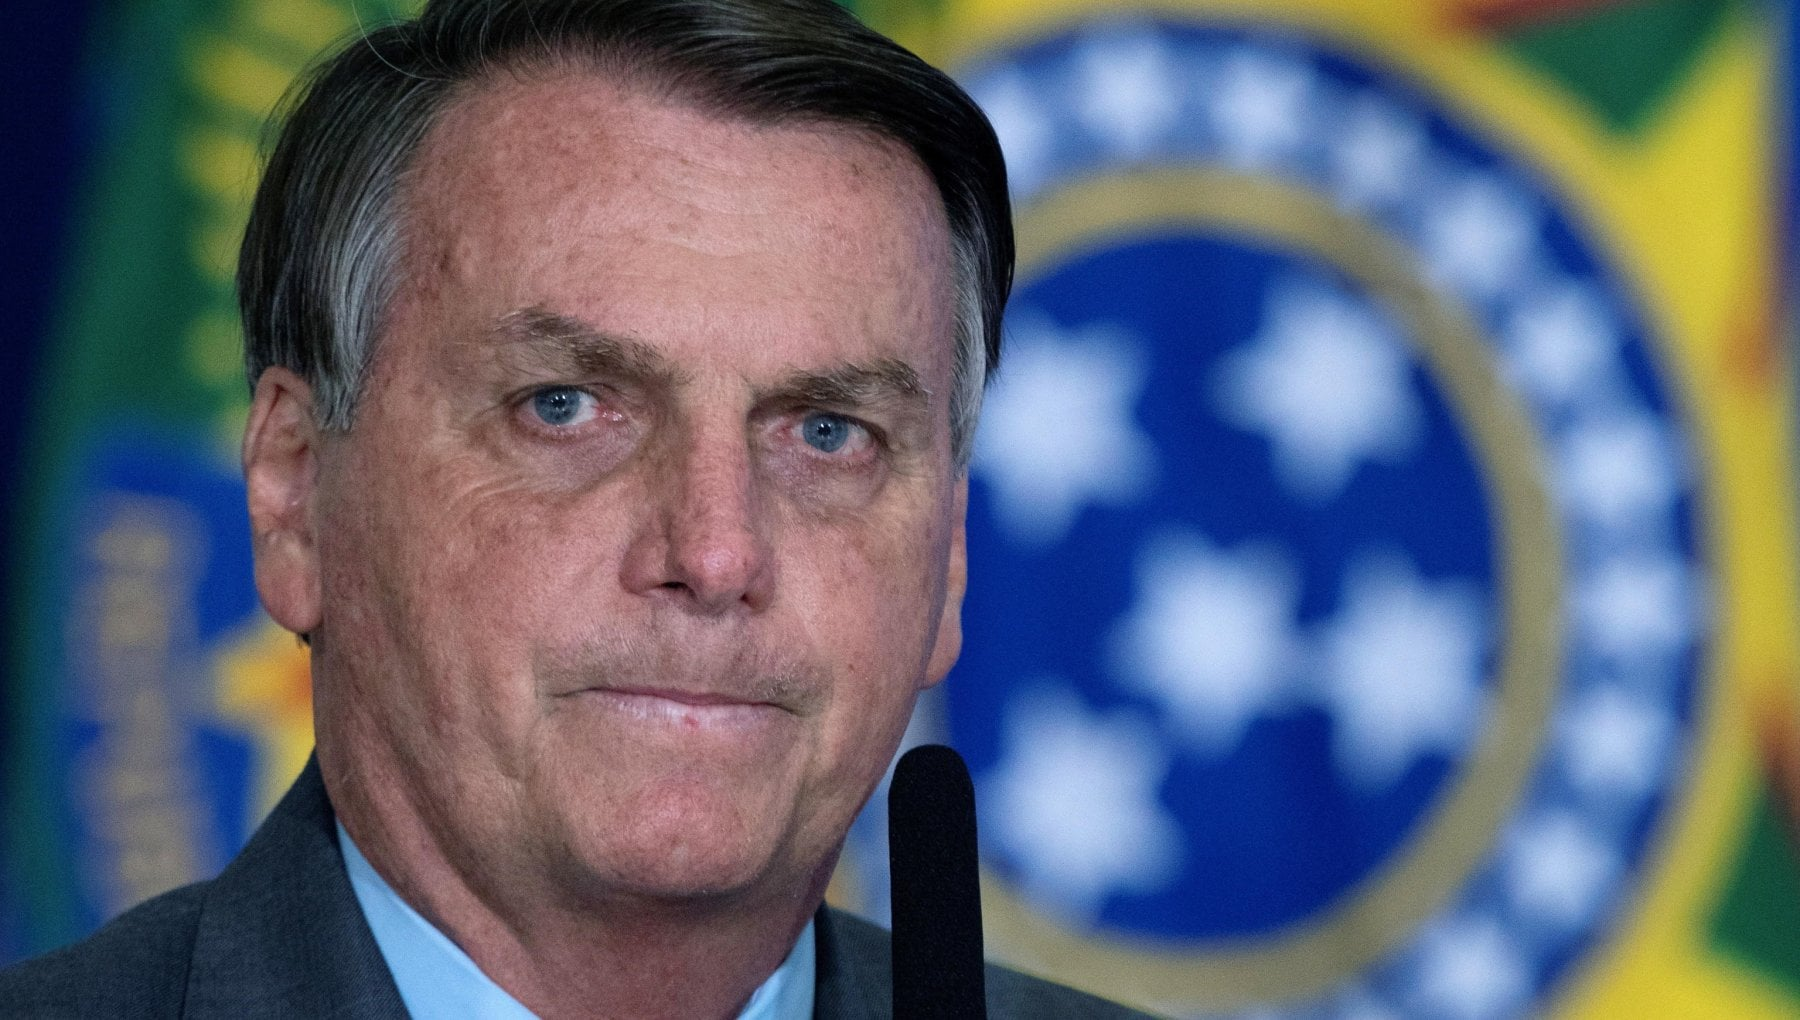 213905624 d0744277 3e96 430f 9d2d fb99489f9240 - Brasile, Bolsonaro ha un blocco intestinale. Possibile operazione d'urgenza